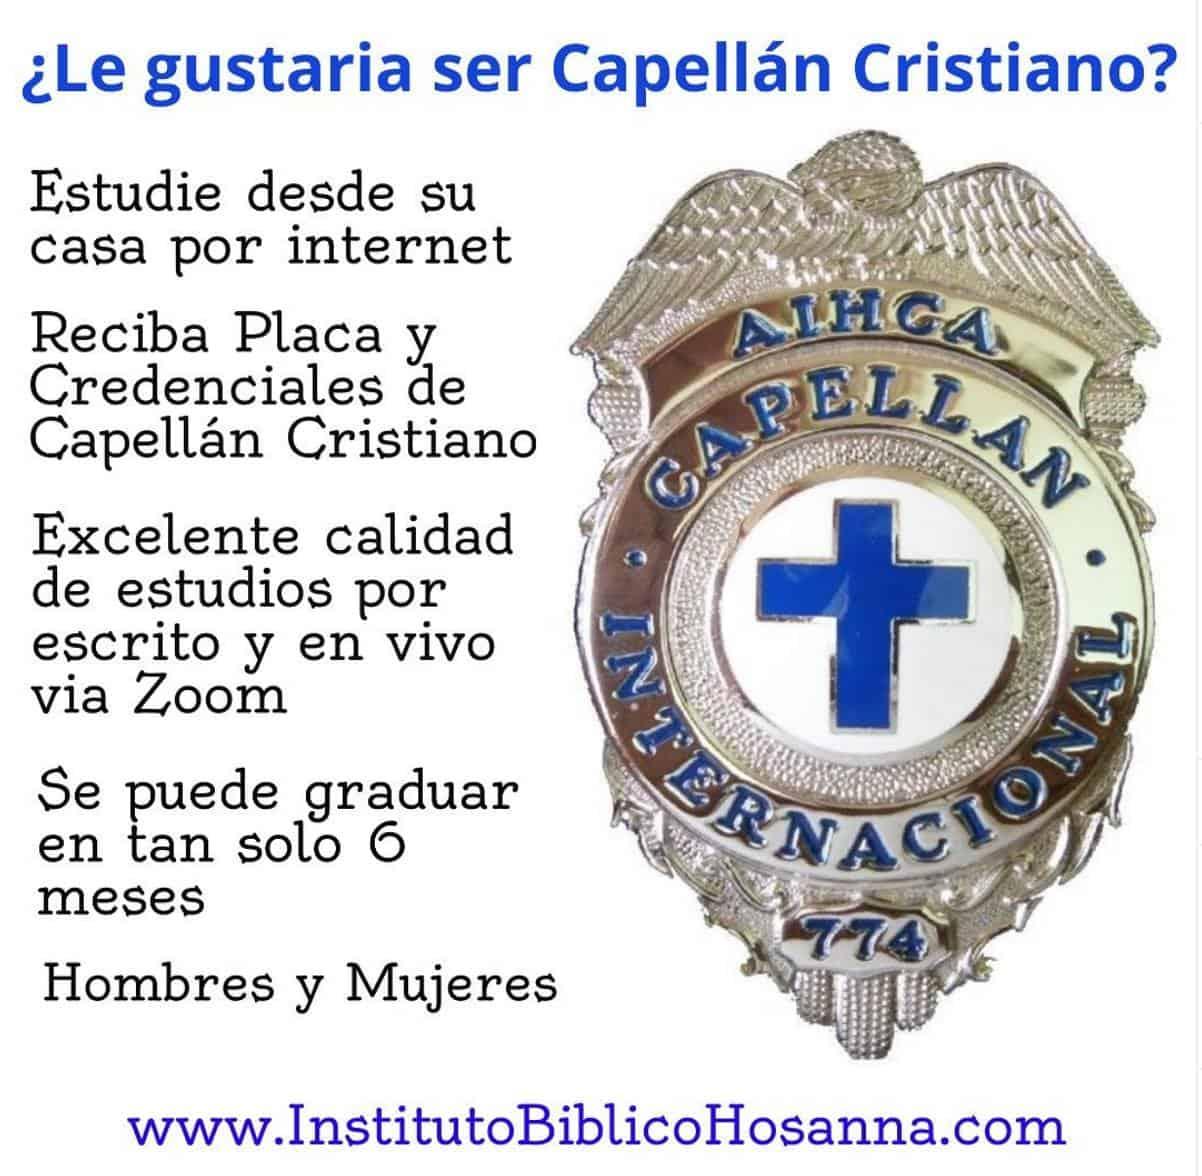 Capellan